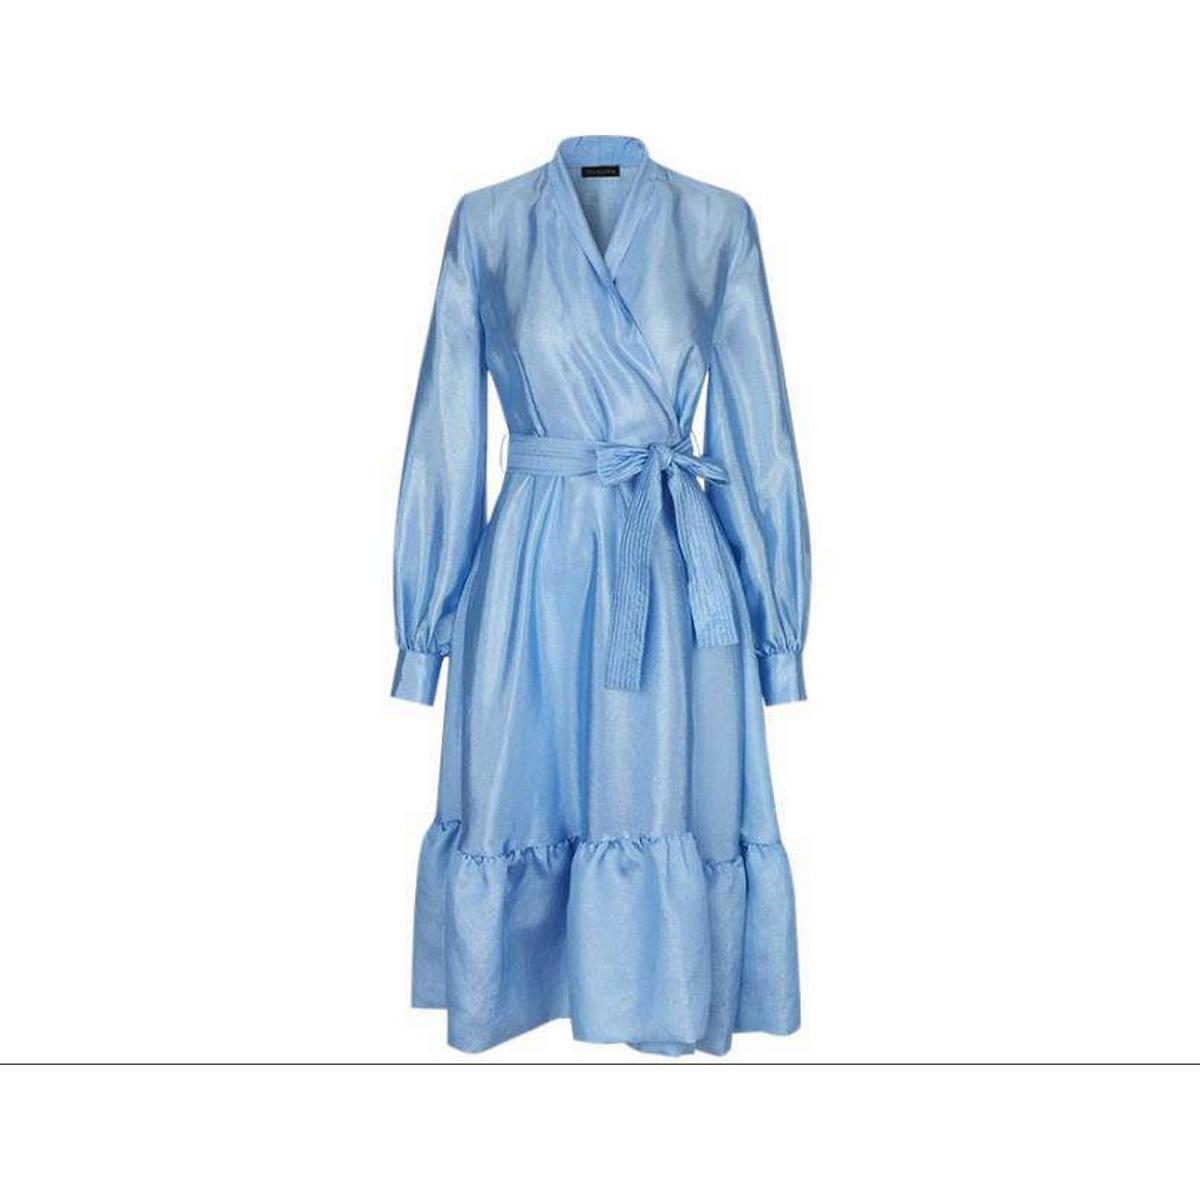 150d4789447c Stine Goya Dametøj - Sammenlign priser hos PriceRunner